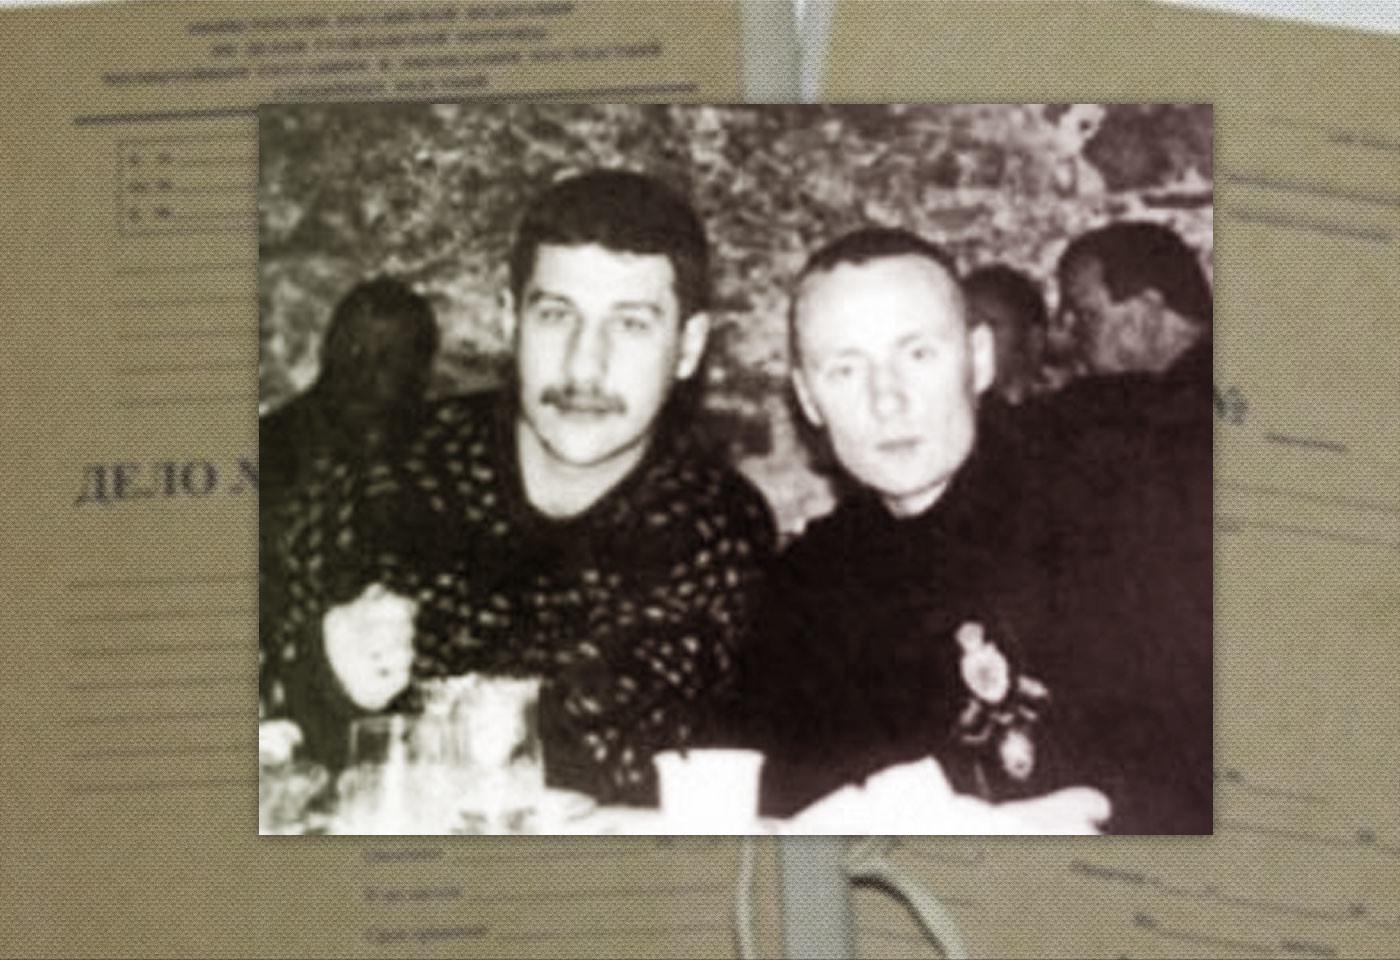 Казначей группировки Парамон и Константин Беркут (справа). Фото: © КРИМИНАЛЬНЫЕ АВТОРИТЕТЫ ВОРЫ В ЗАКОНЕ